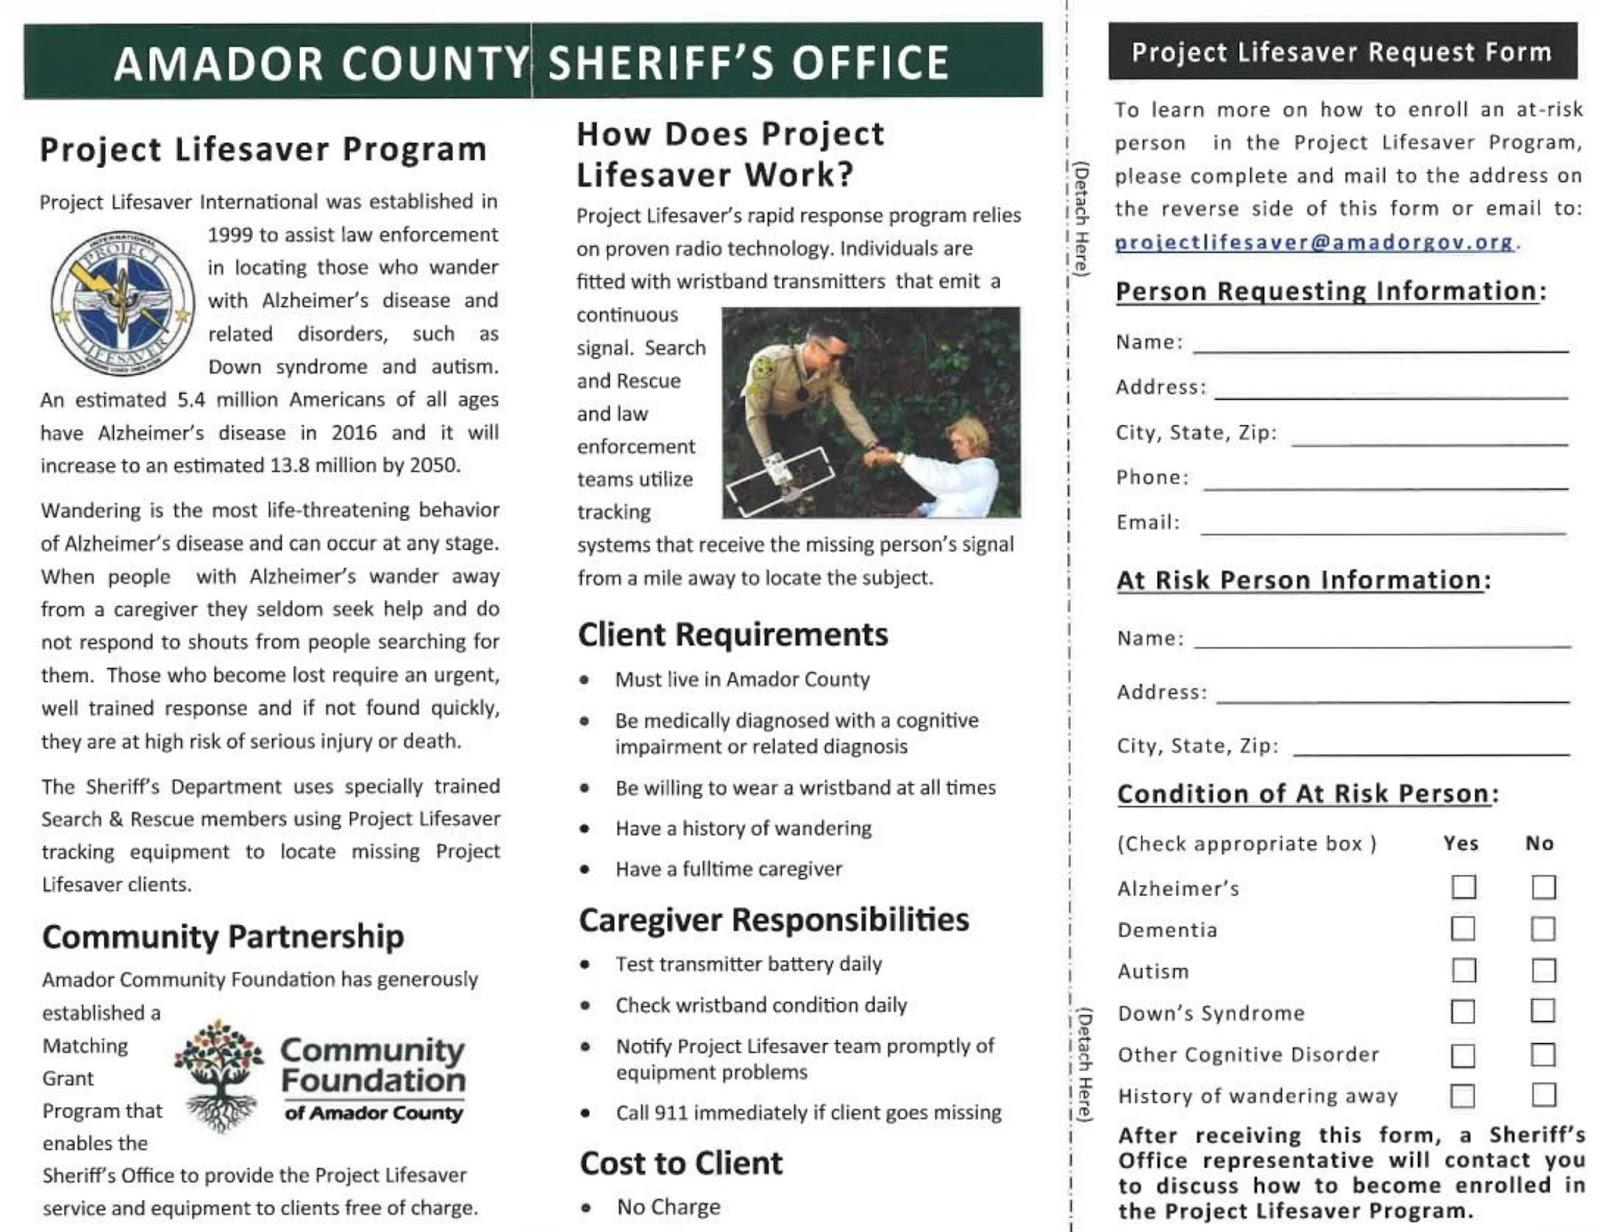 AmadorElders org: Amador County Sheriff's